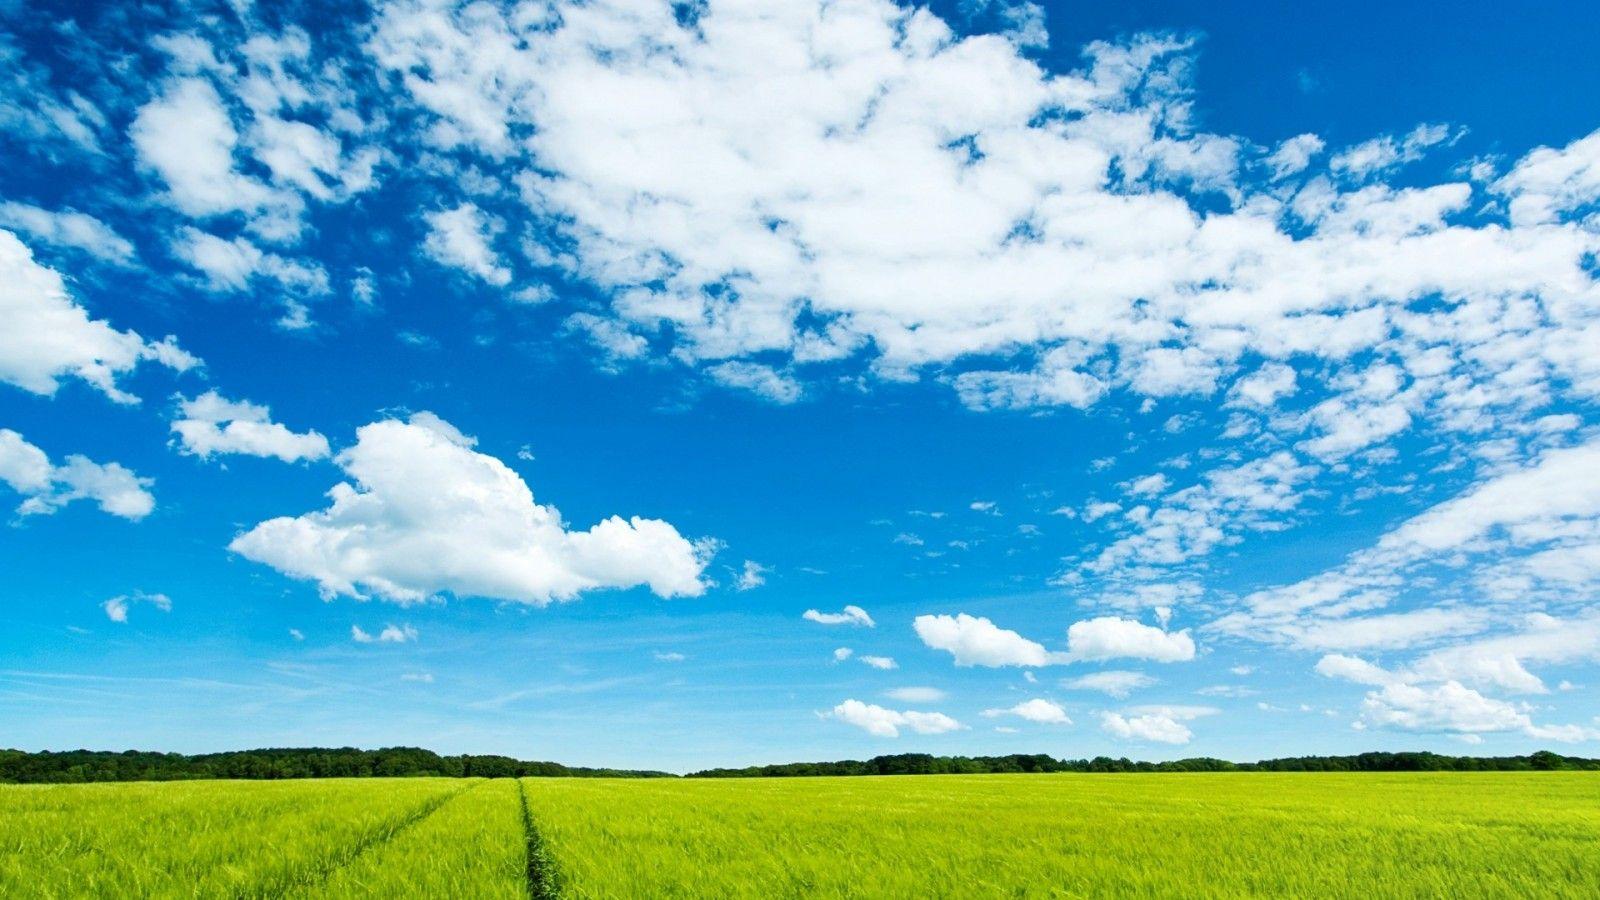 求xp经典蓝天白云草地桌面高清壁纸 1280 1024图片高清图片